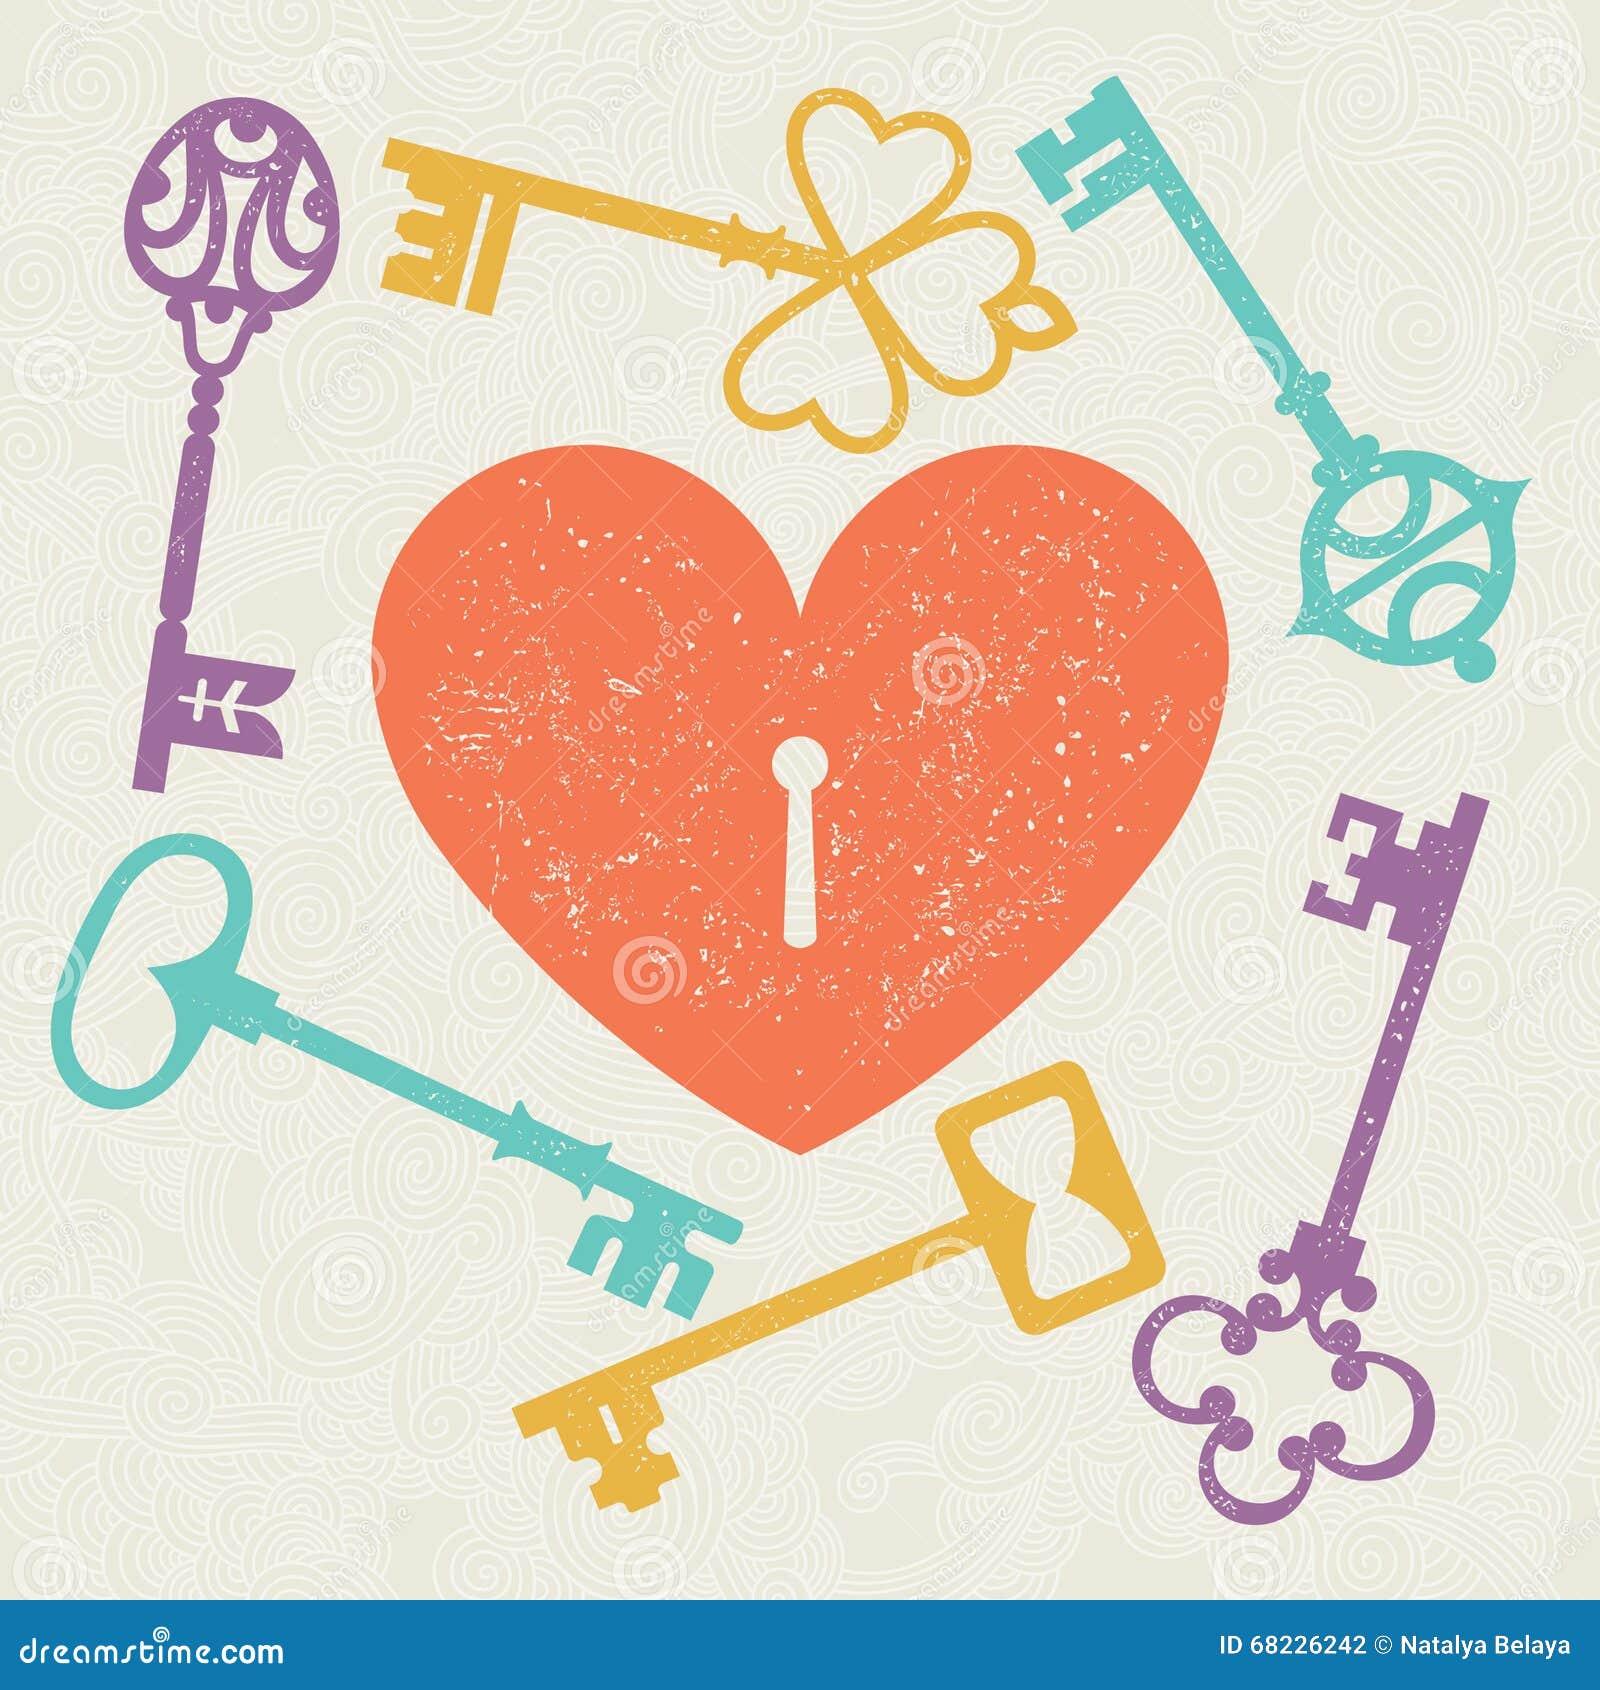 Heart_key